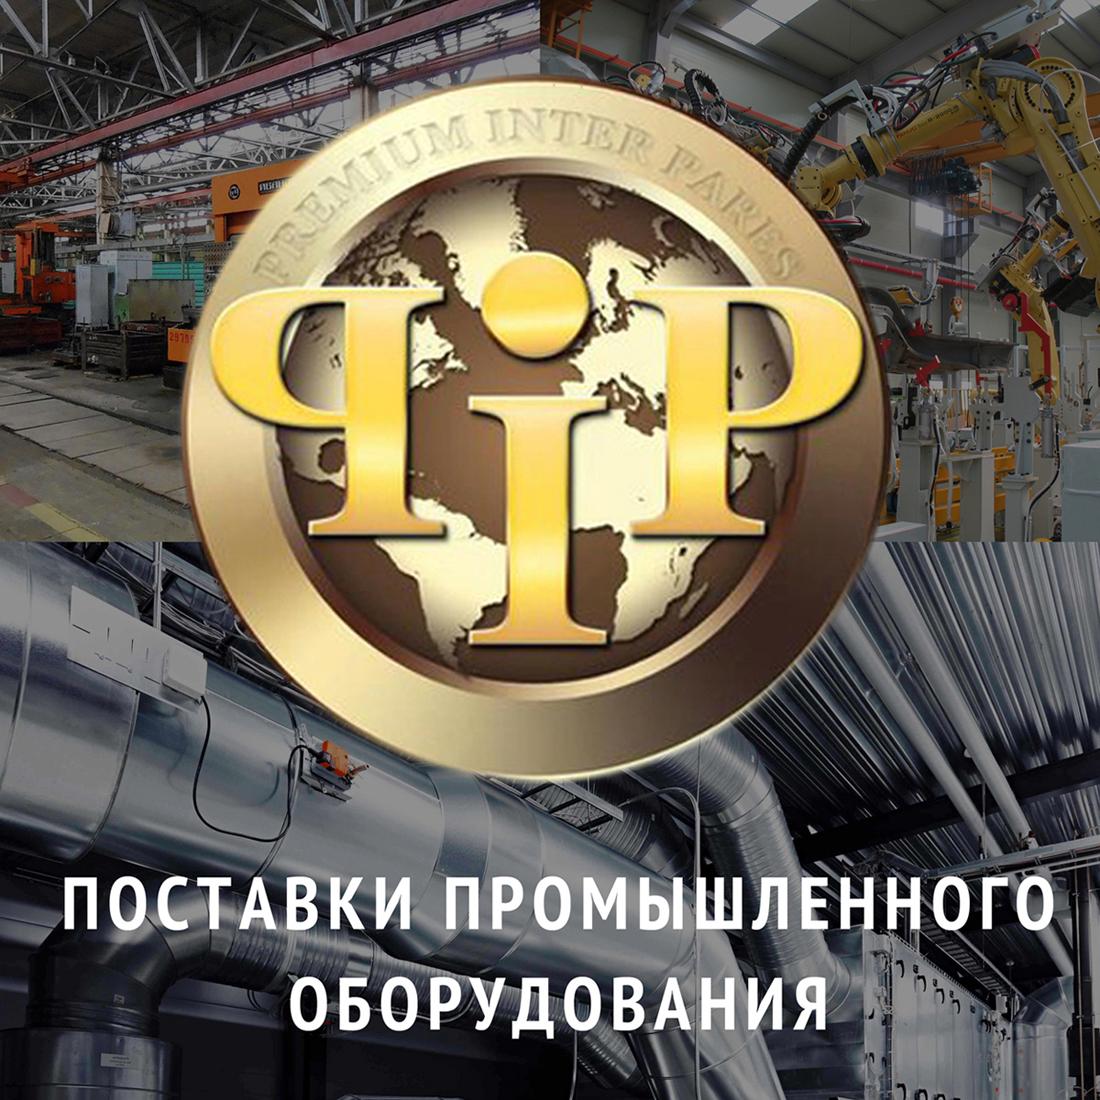 Поставки промышленного оборудования и запасных частей из Европы под заказ, зображення 1